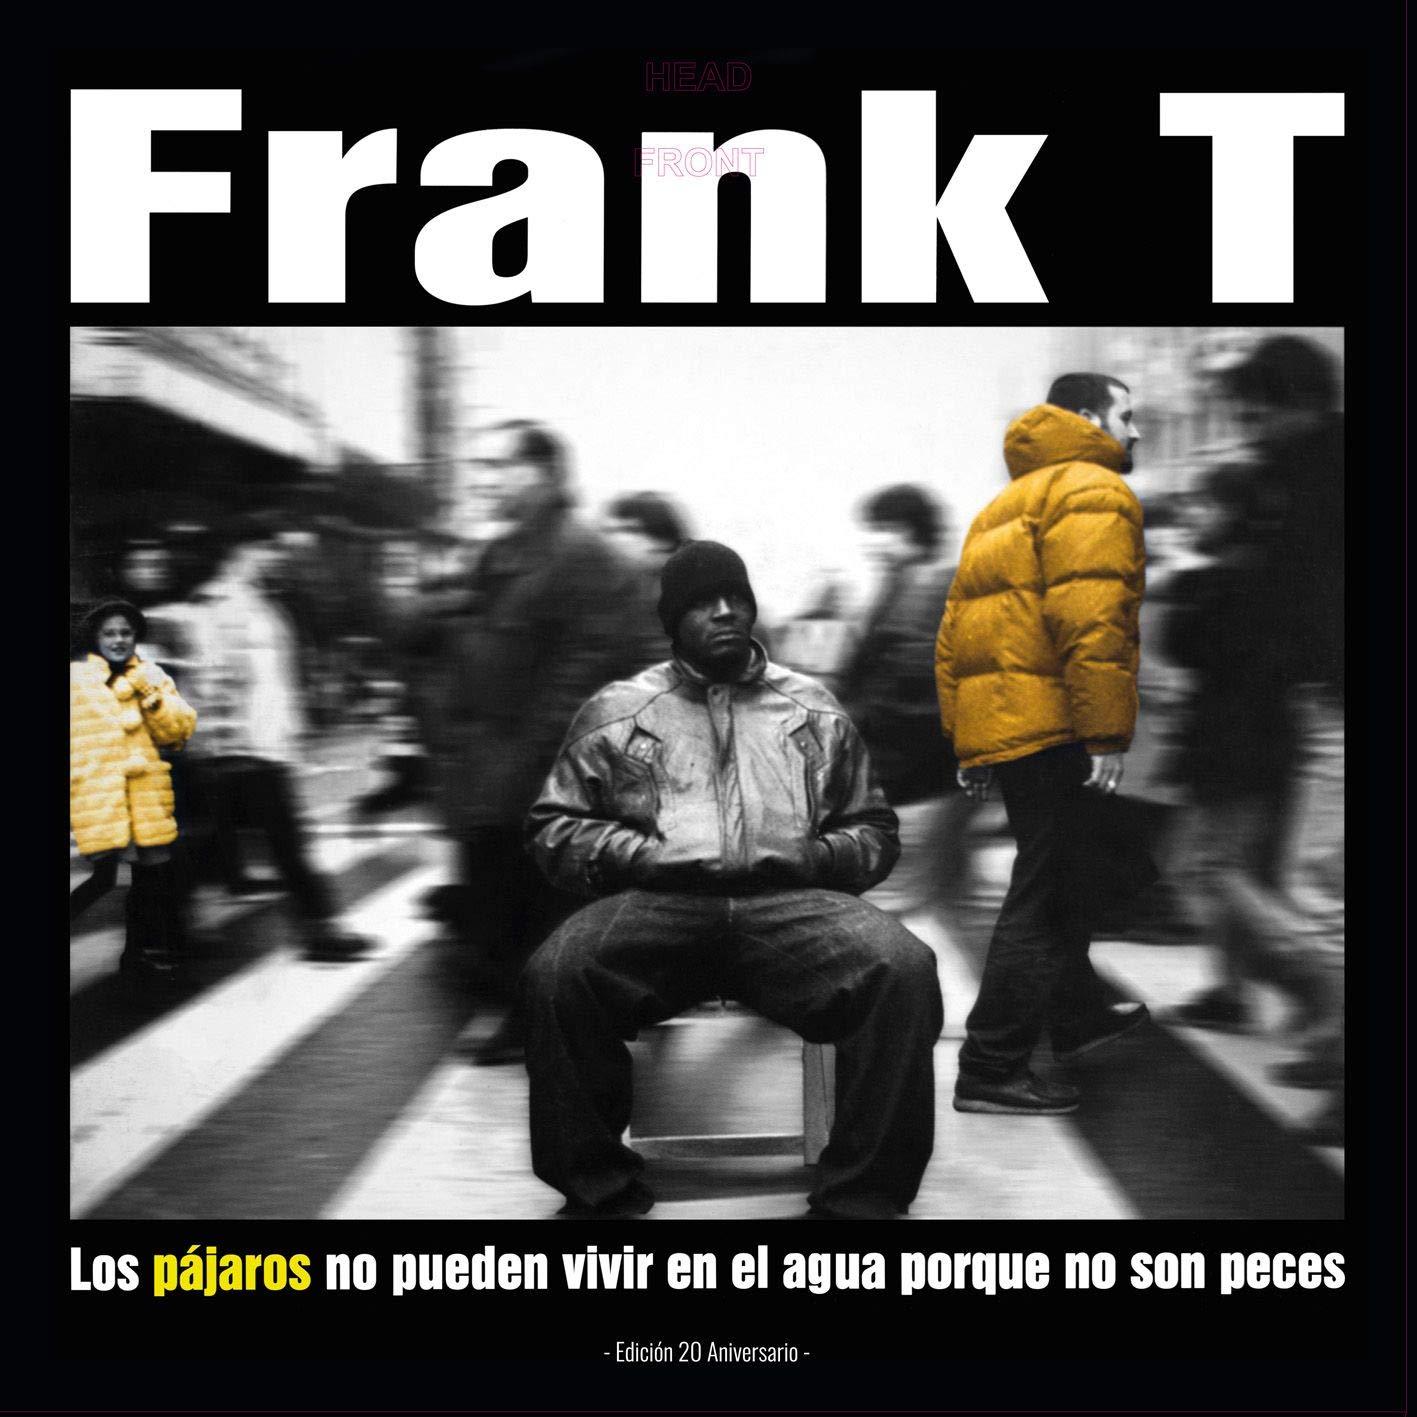 Descargar U Torrent Frank-t - Los Pájaros No Pueden Vivir ( Remasted ) 2 Vinilos + Cd Kindle Lee Epub